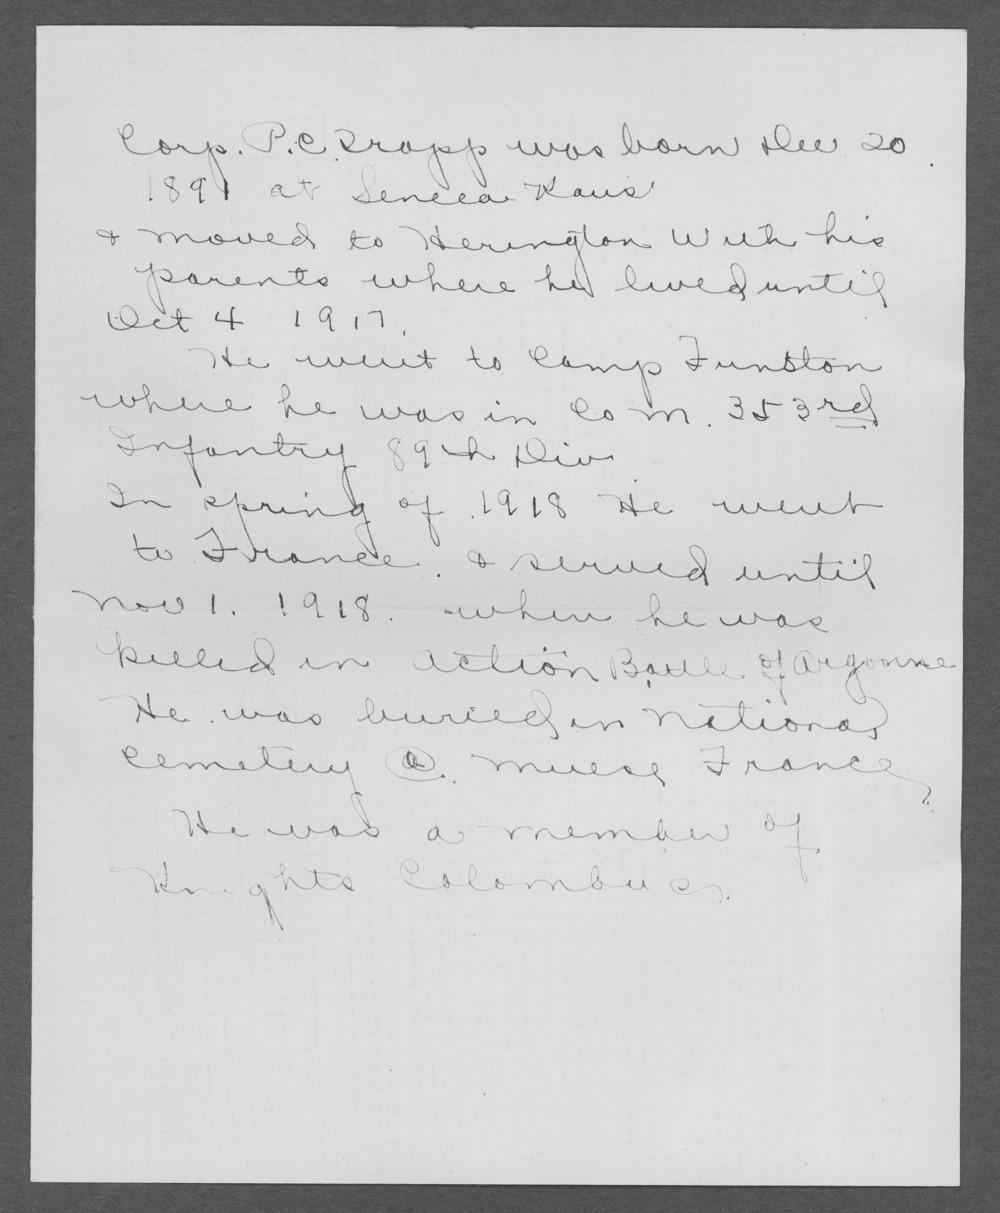 Peter C. Trapp, World War I soldier - 4